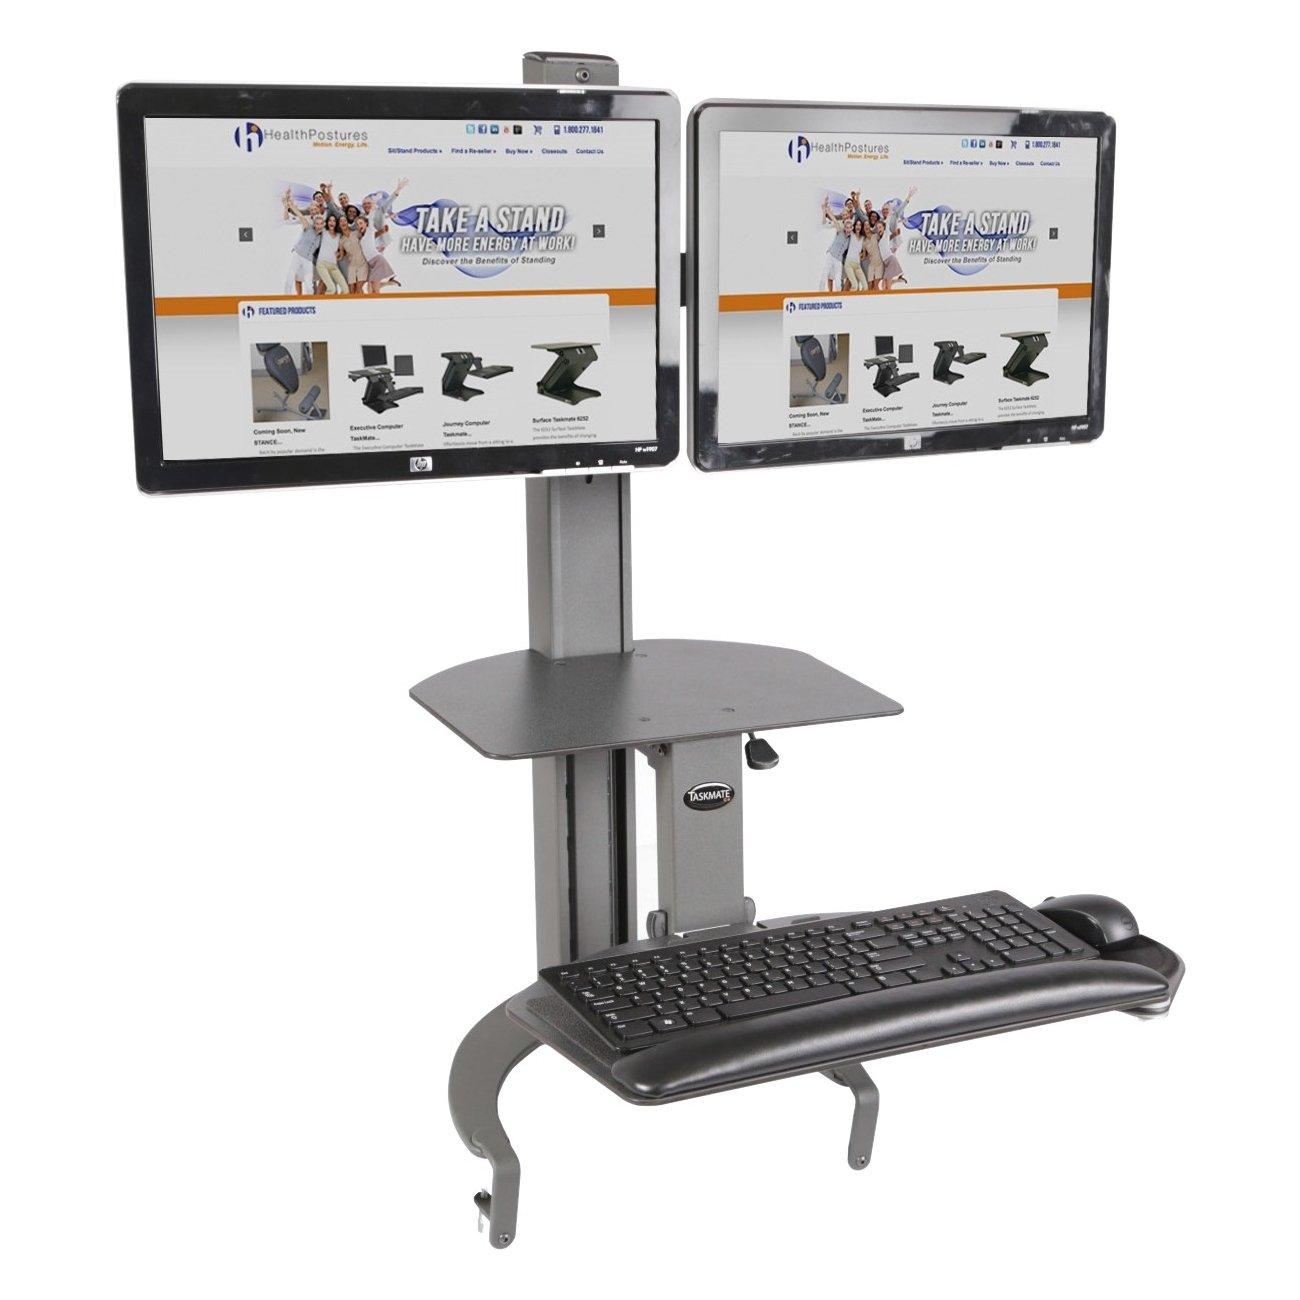 Amazoncom HealthPostures TaskMate Go Dual 6350 Adjustable